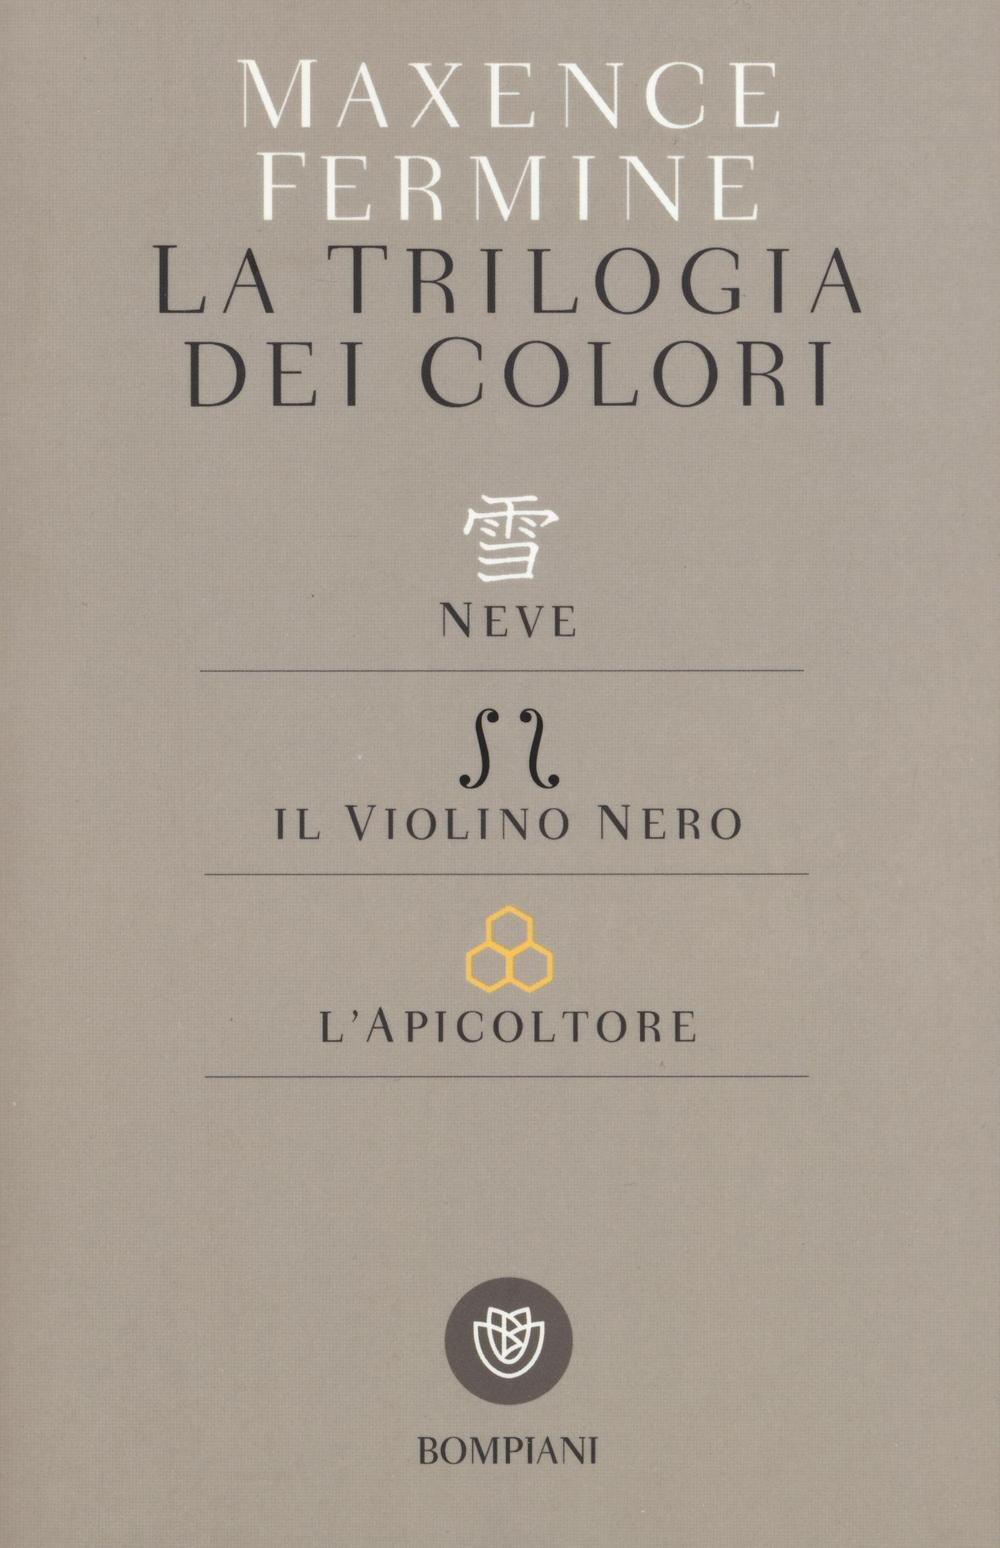 La trilogia dei colori